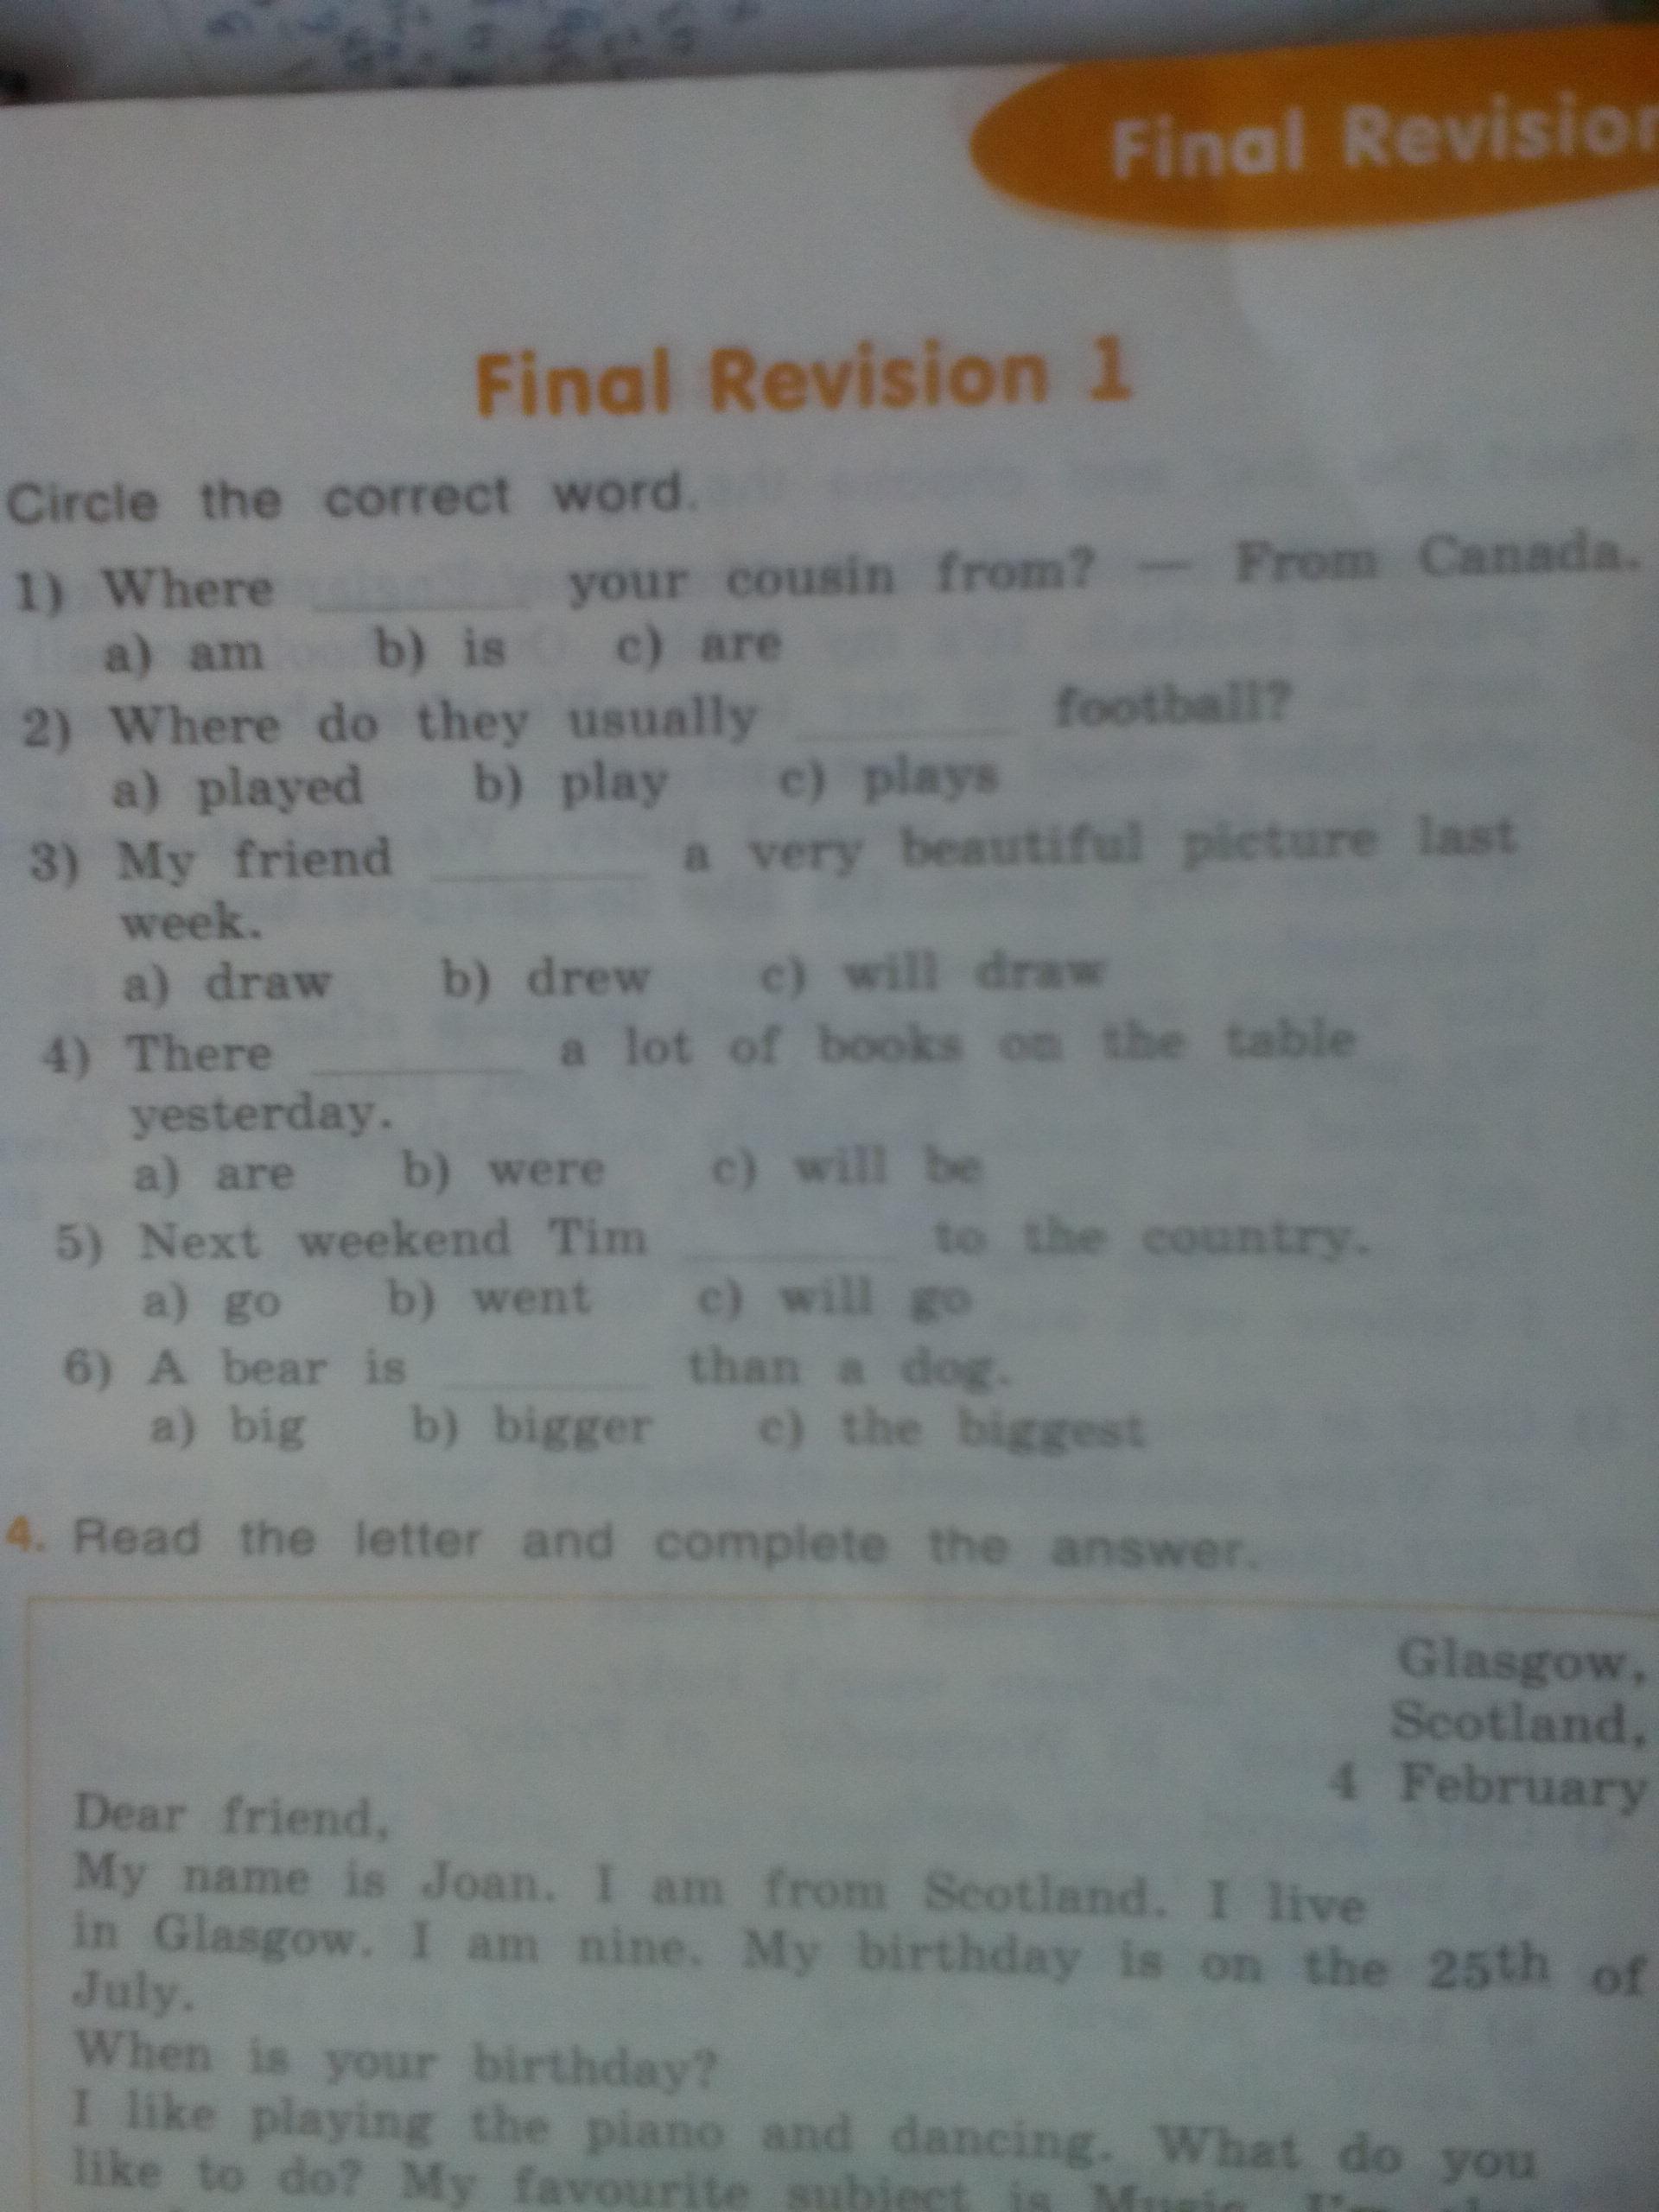 Помогите в английским пожалуйста?